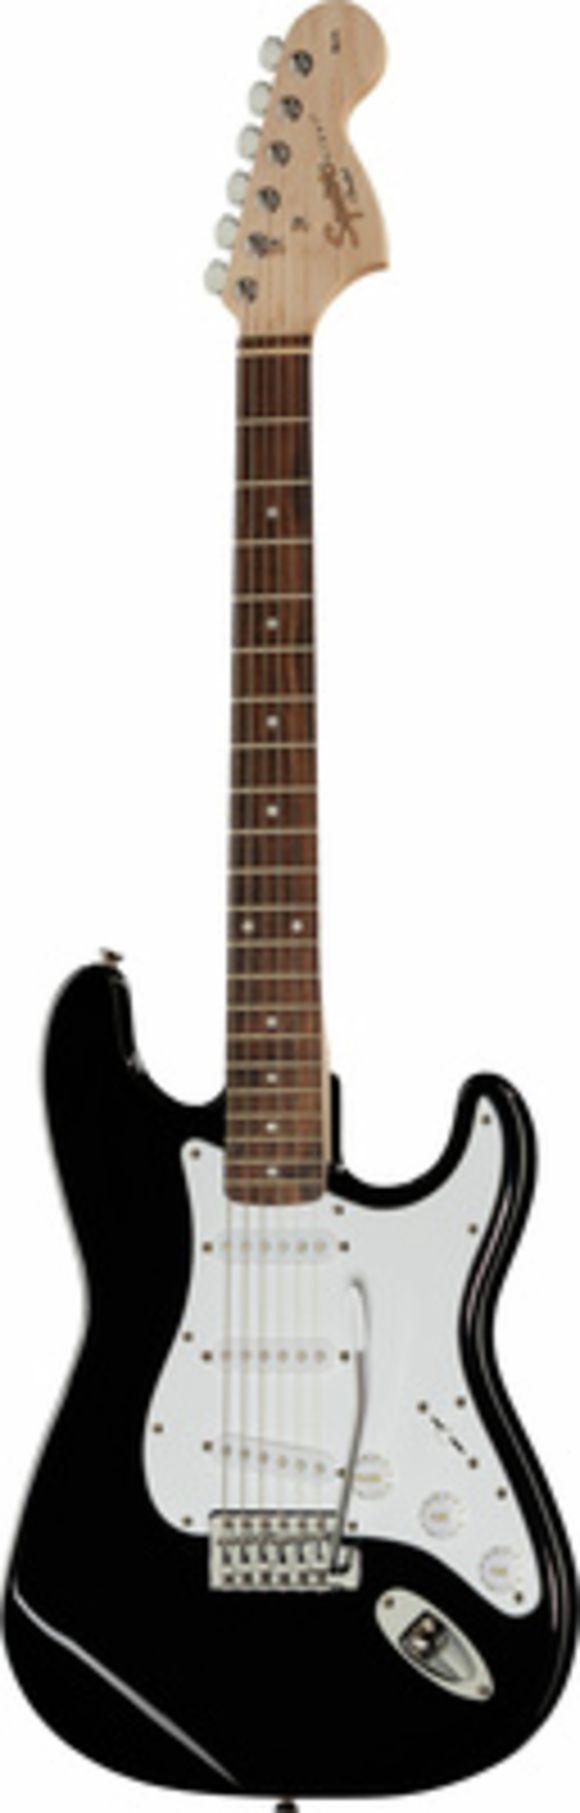 Squier Affinity Strat IRL BK Fender